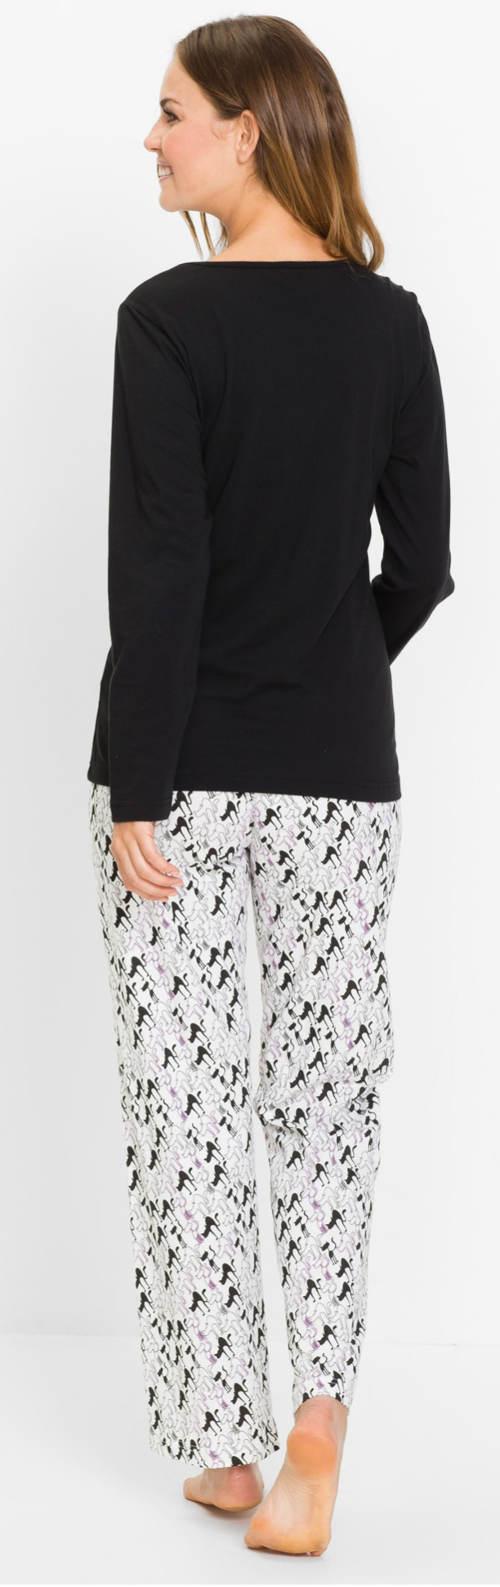 Černobílé dámské pyžamo s dlouhým rukávem